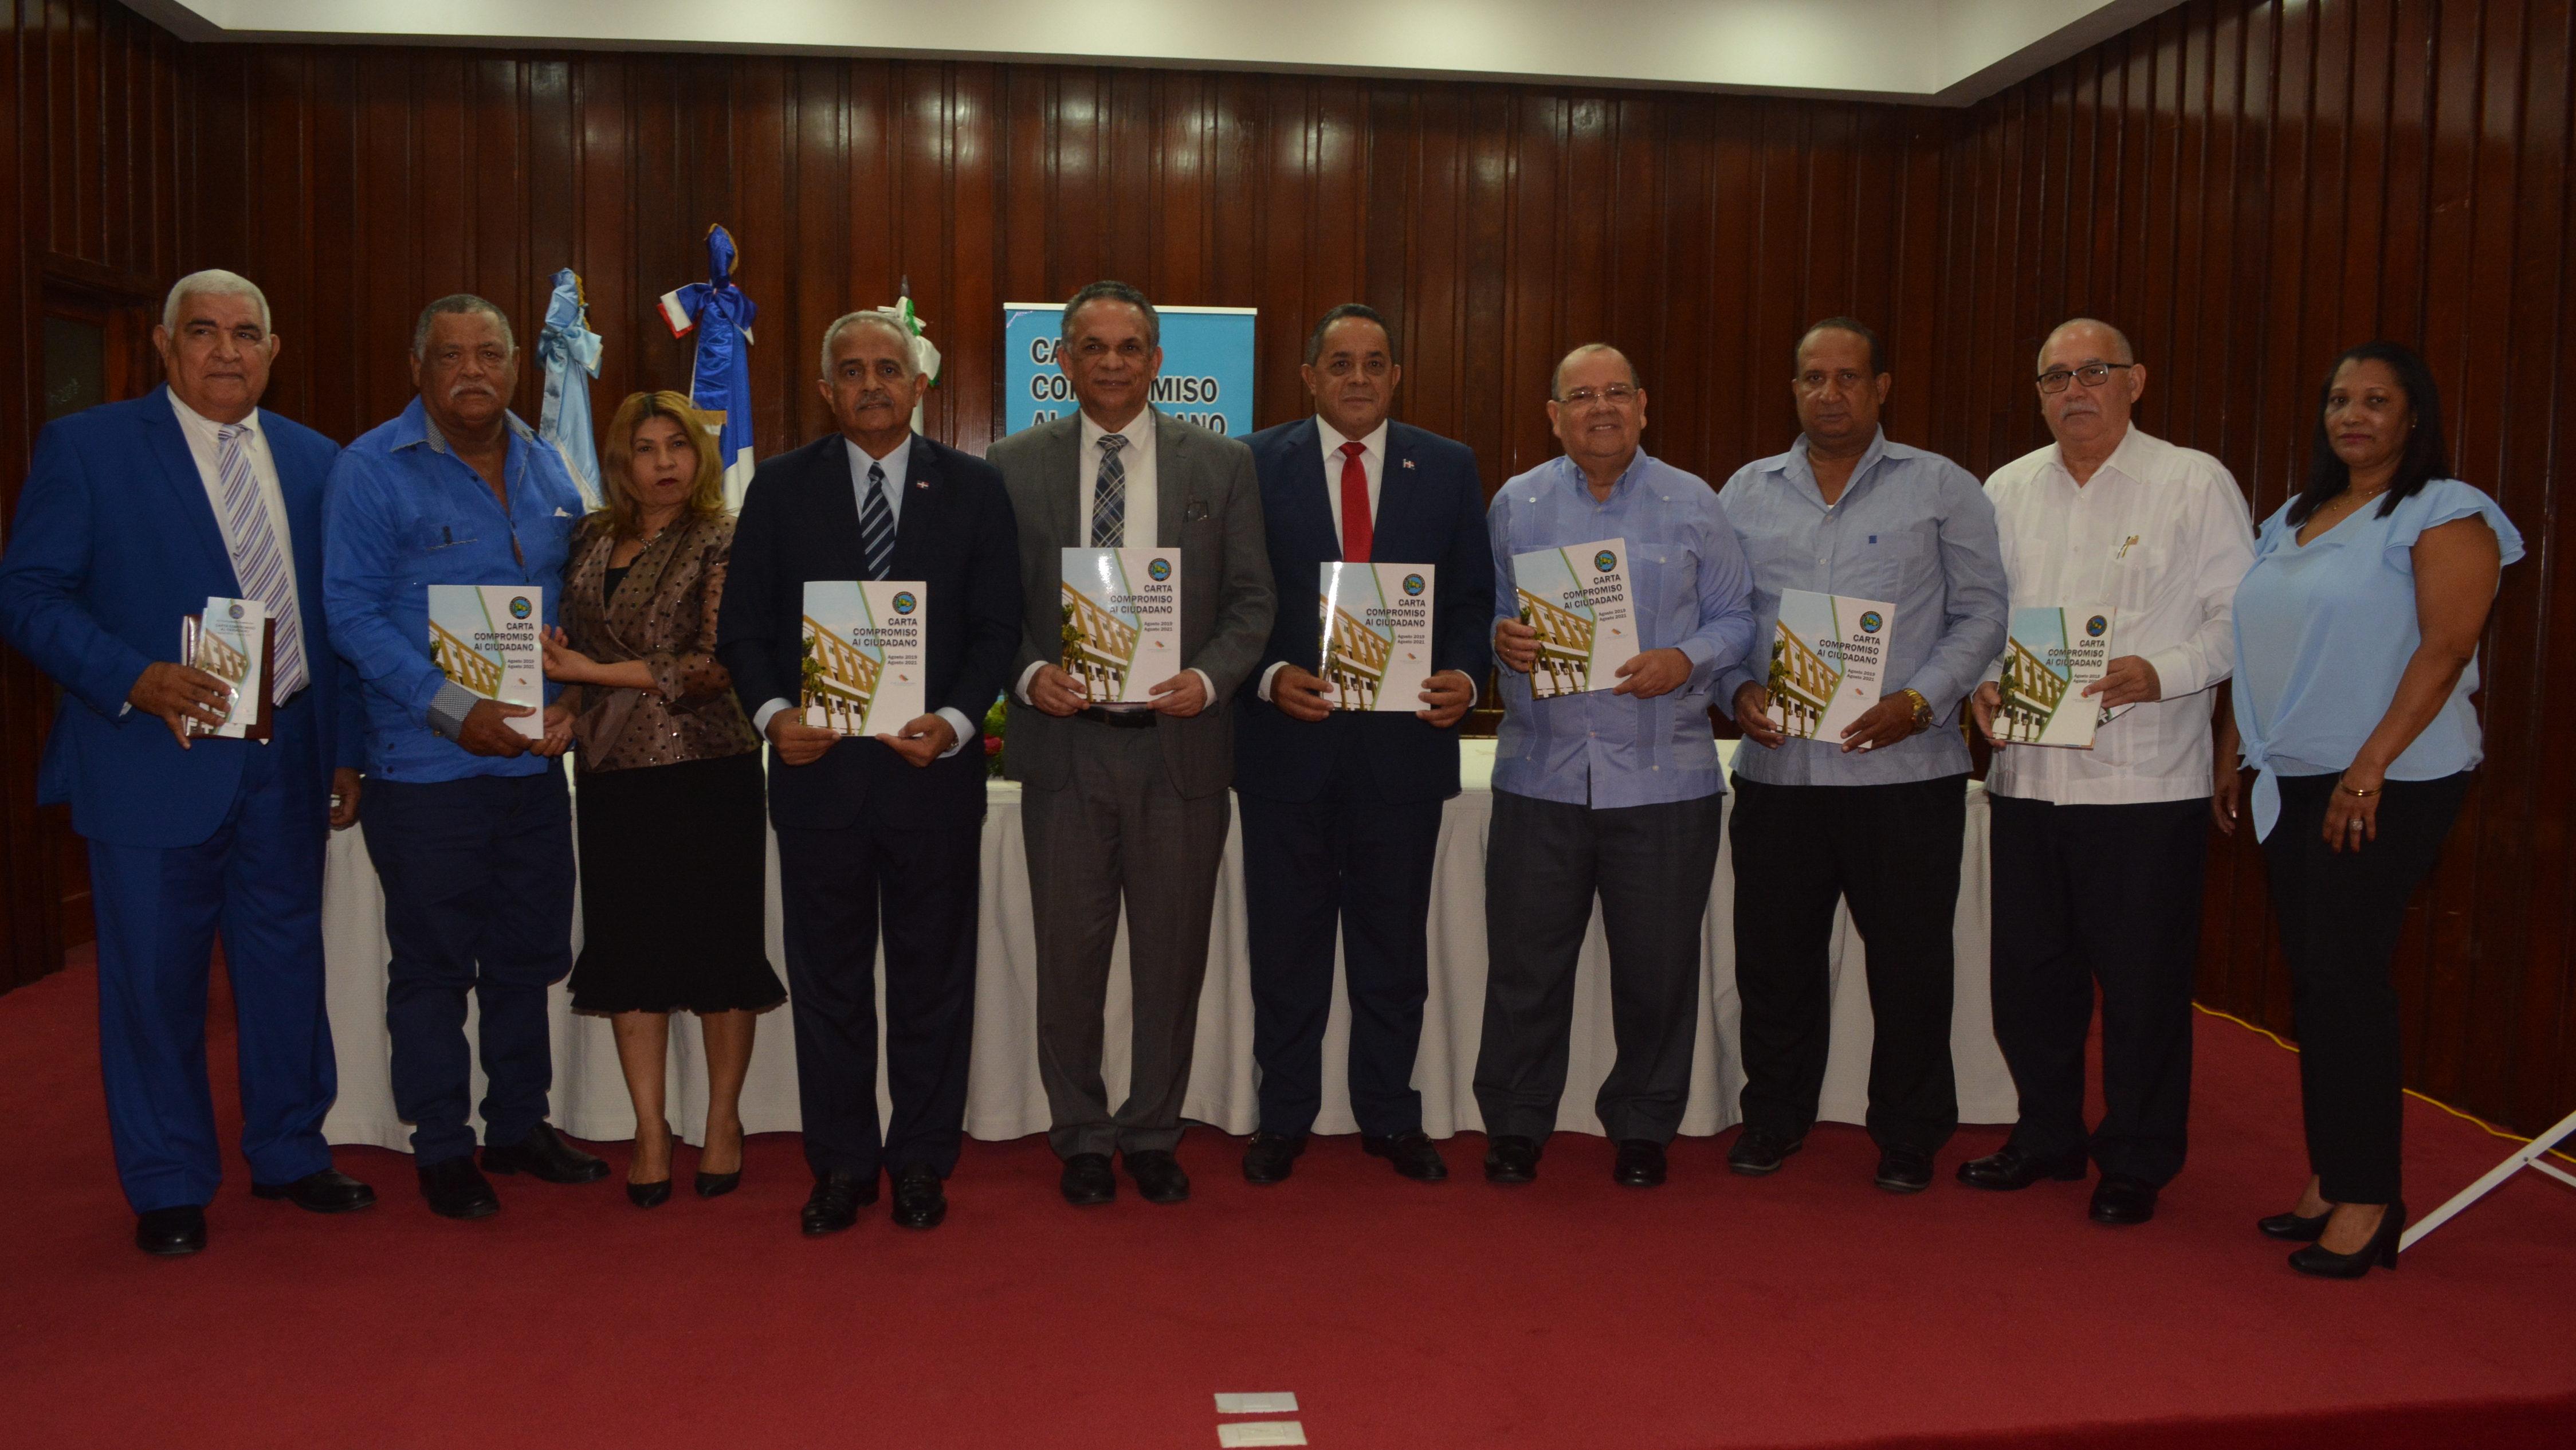 IAD presenta Carta Compromiso al Ciudadano, IAD presenta Carta Compromiso al Ciudadano